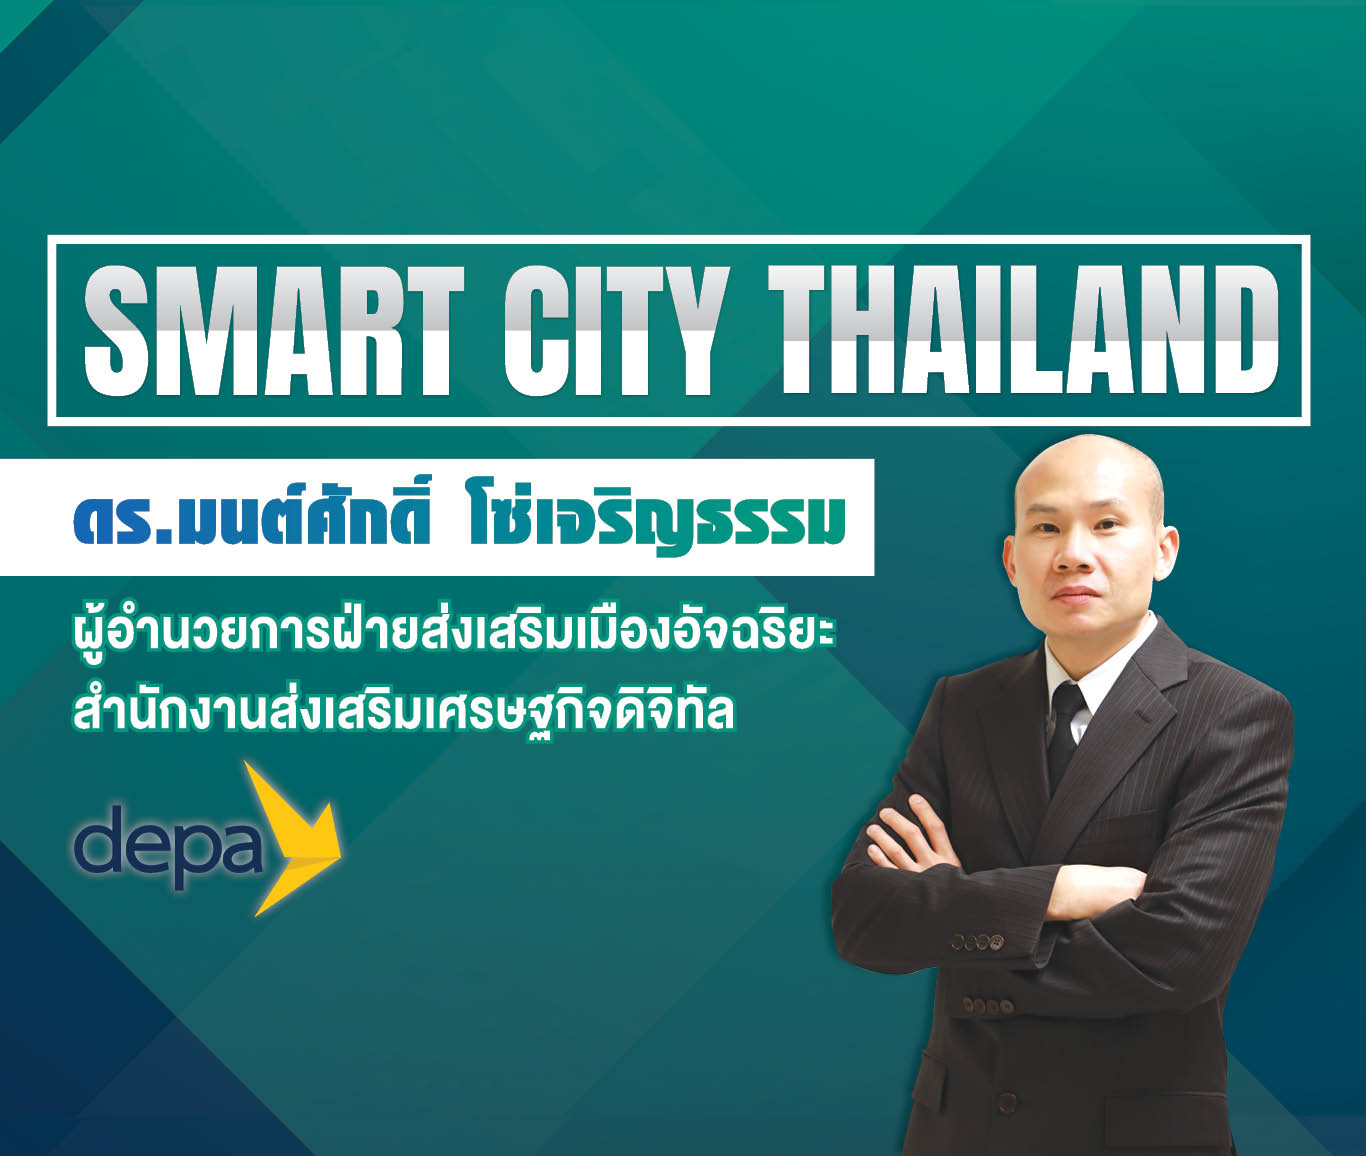 SMART CITY THAILAND ดร. มนต์ศักดิ์ โซ่เจริญธรรม ผู้อำนวยการฝ่ายส่งเสริมเมืองอัจฉริยะ สำนักงานส่งเสริมเศรษฐกิจดิจิทัล